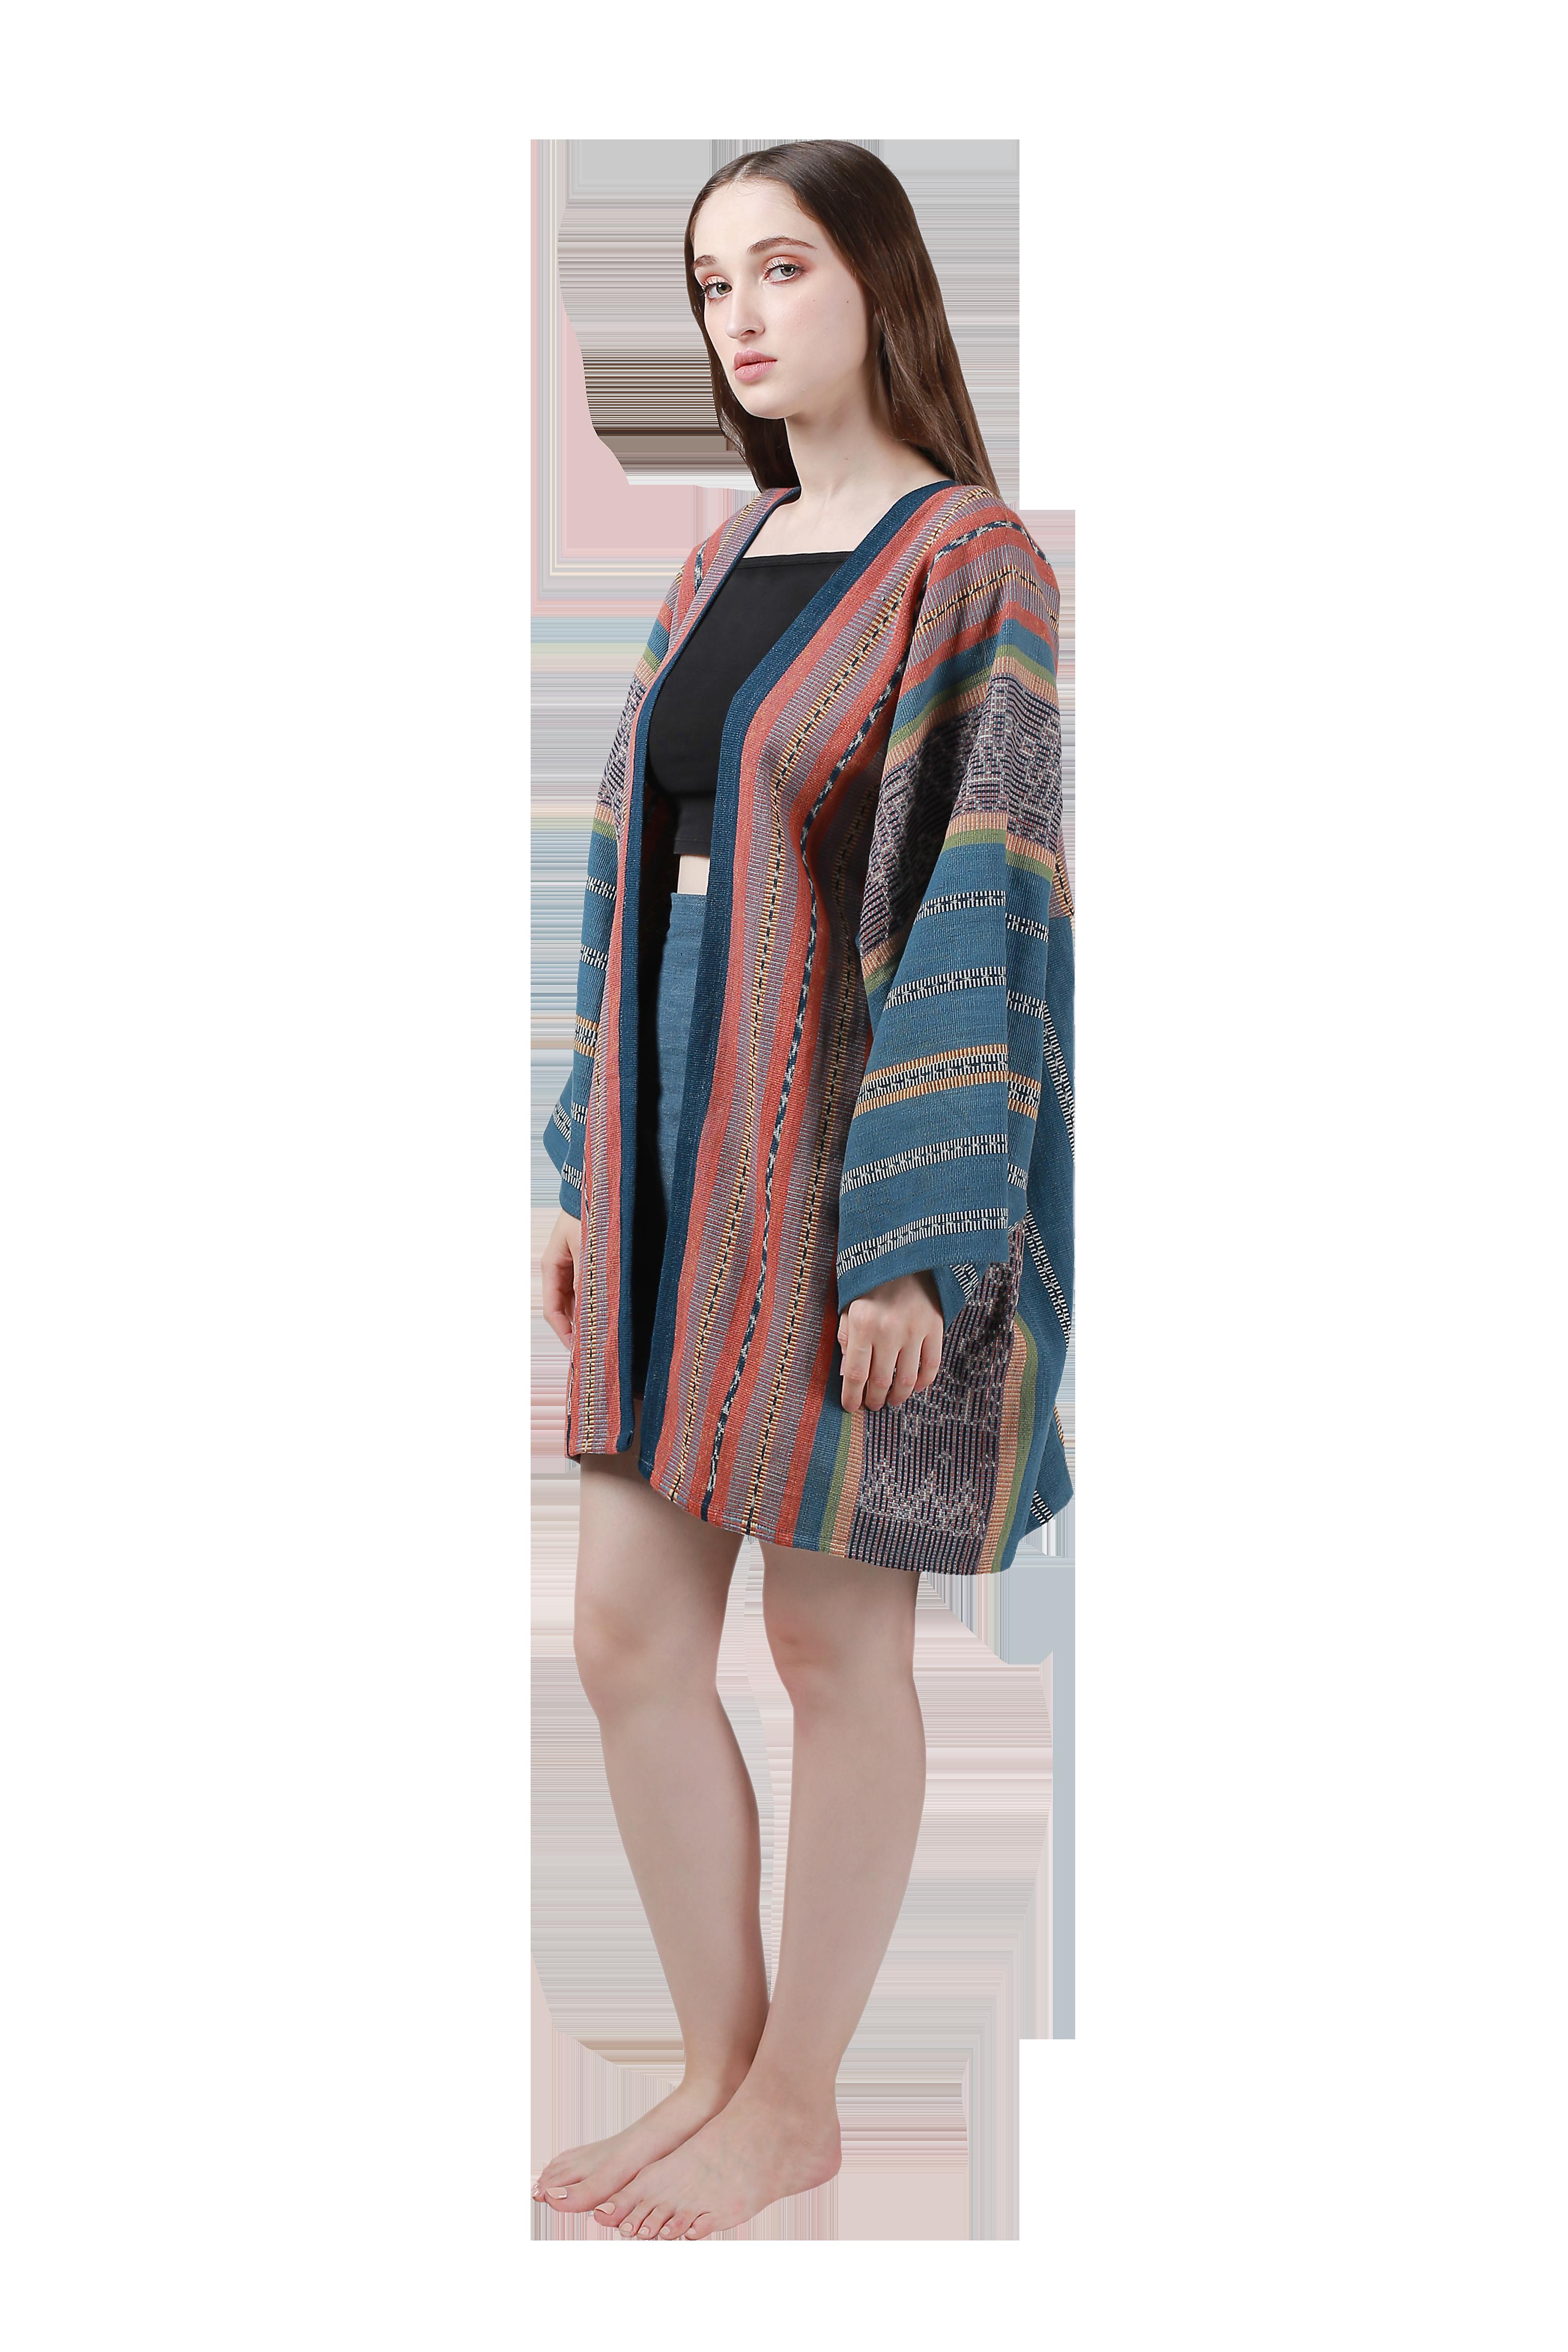 NI -Kaftan jacket/dress, cotton/seda (unisex)